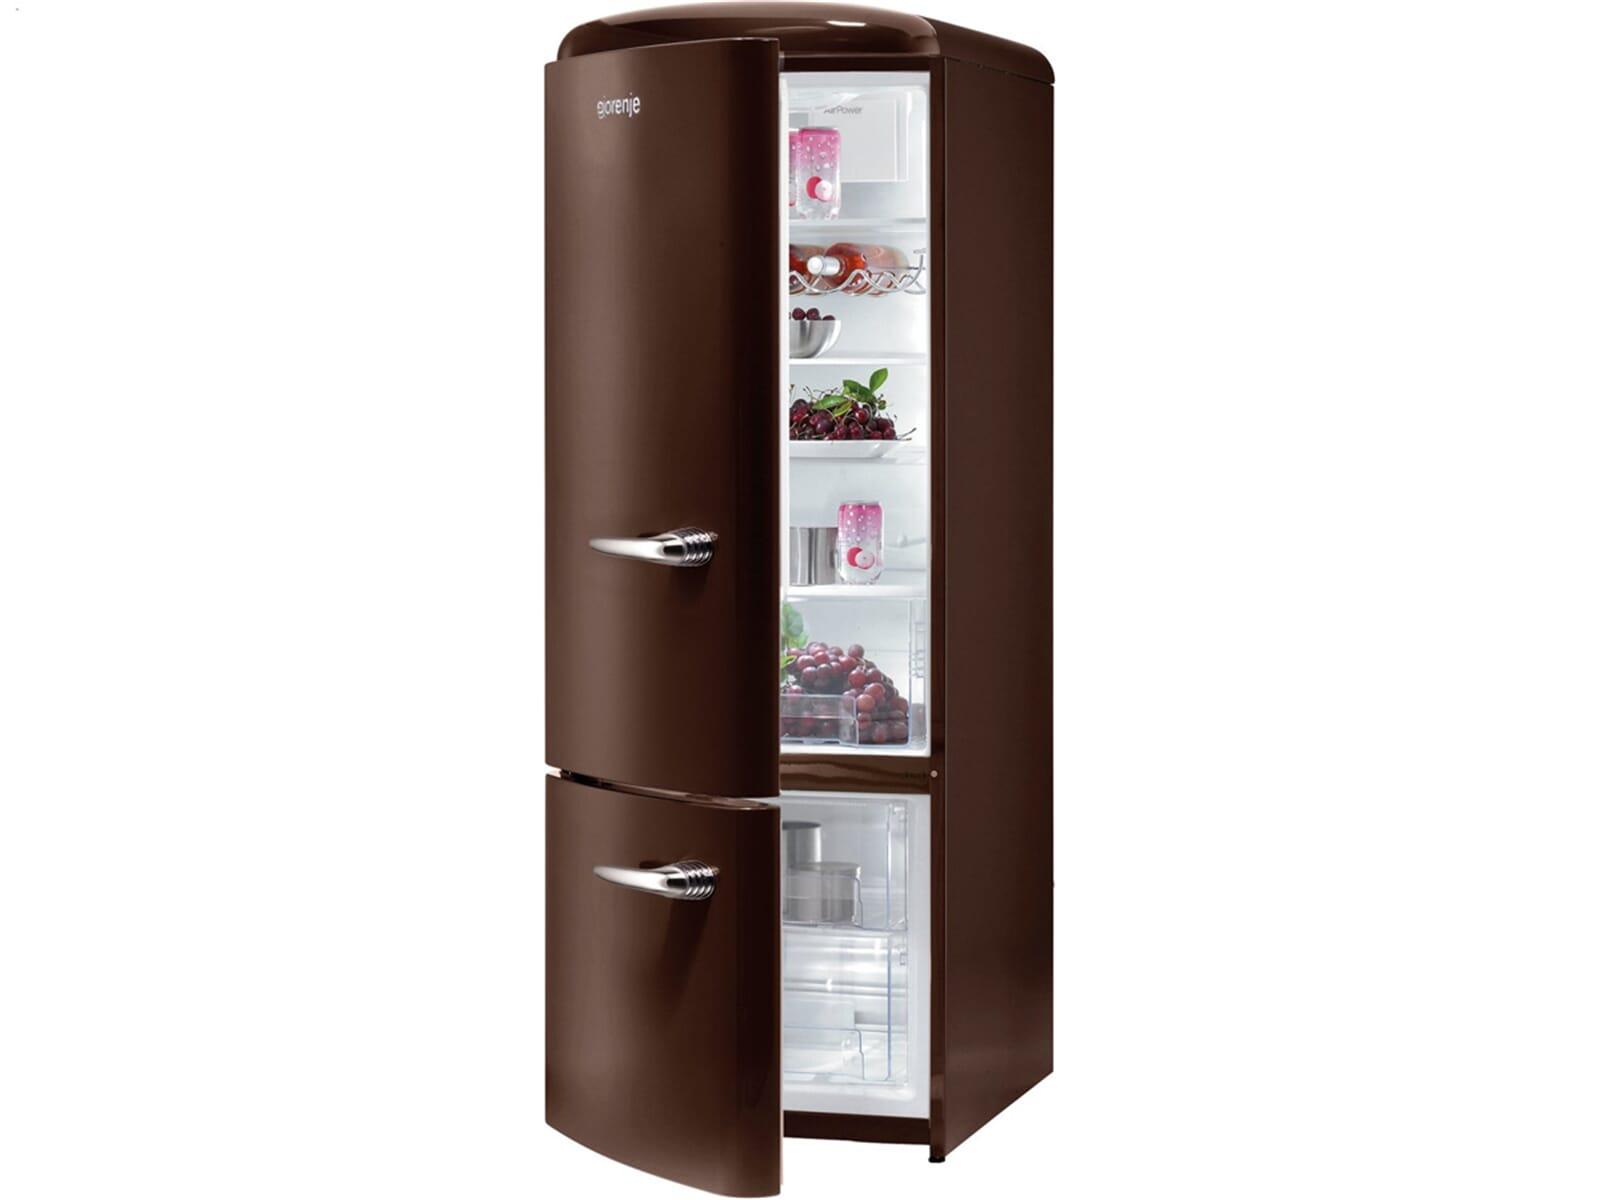 Gorenje Kühlschrank Lila : Ersatzteile gorenje kühl gefrierkombination ersatzteile